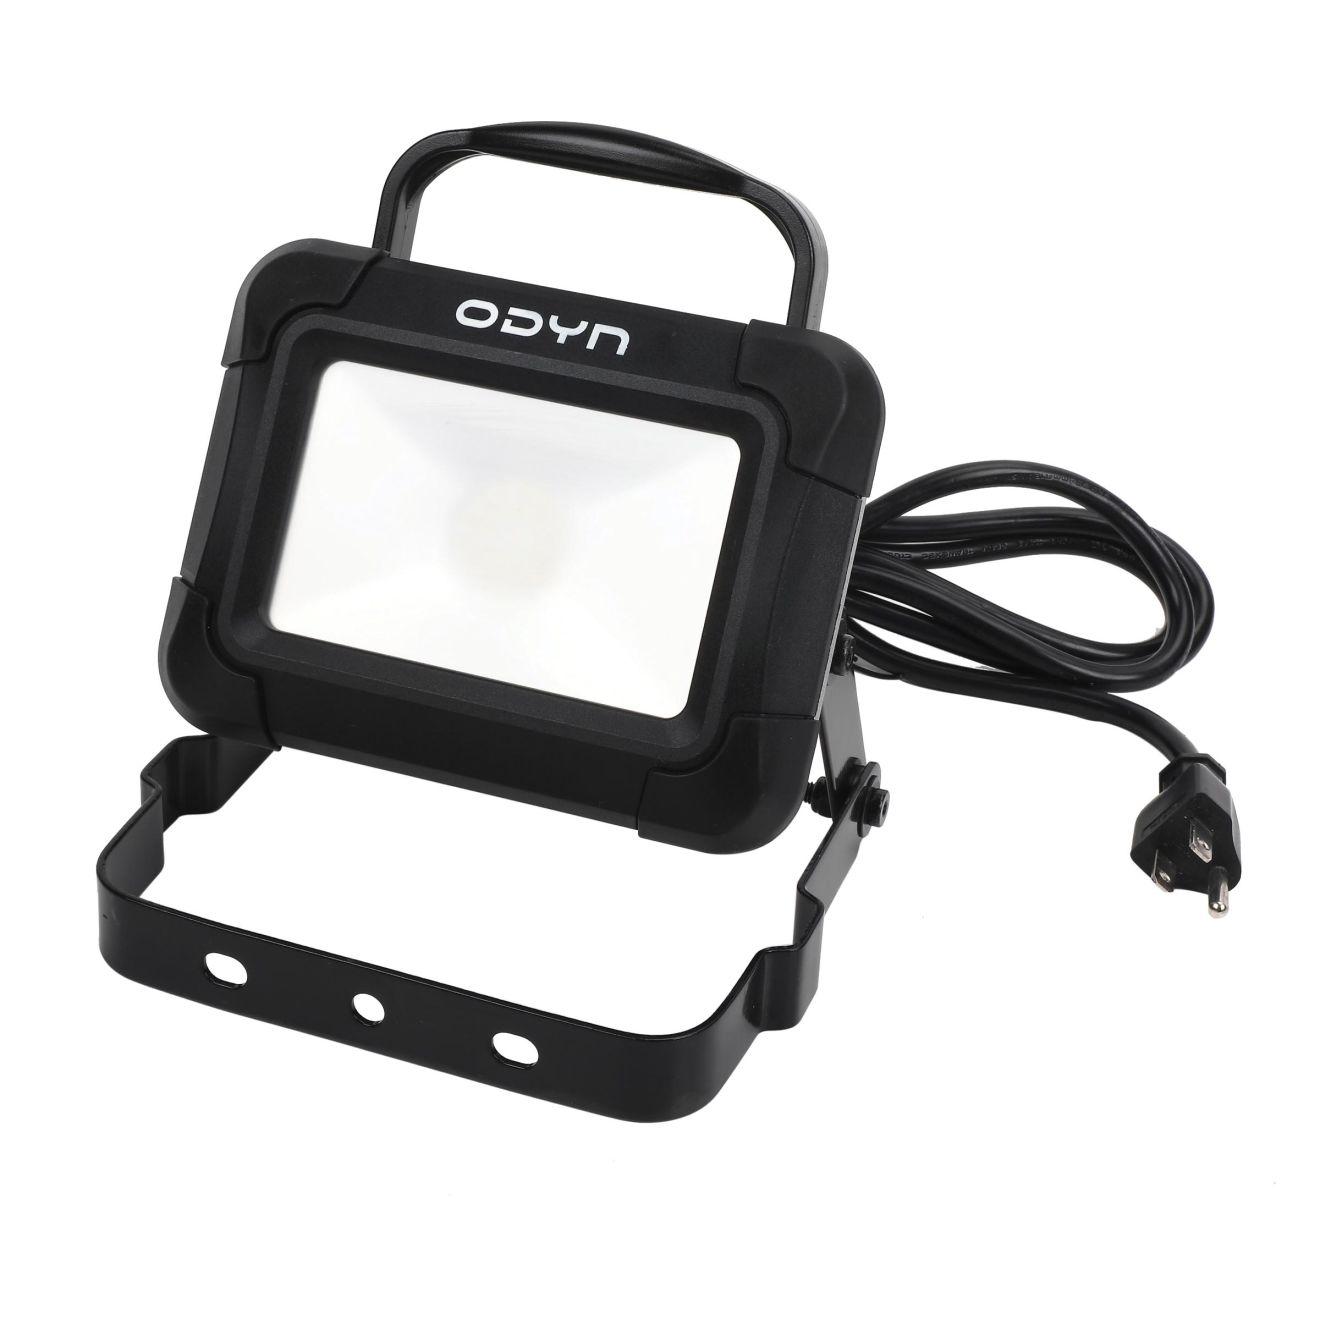 Odyn 1000-Lumen 13-Watt Portable LED Work Light